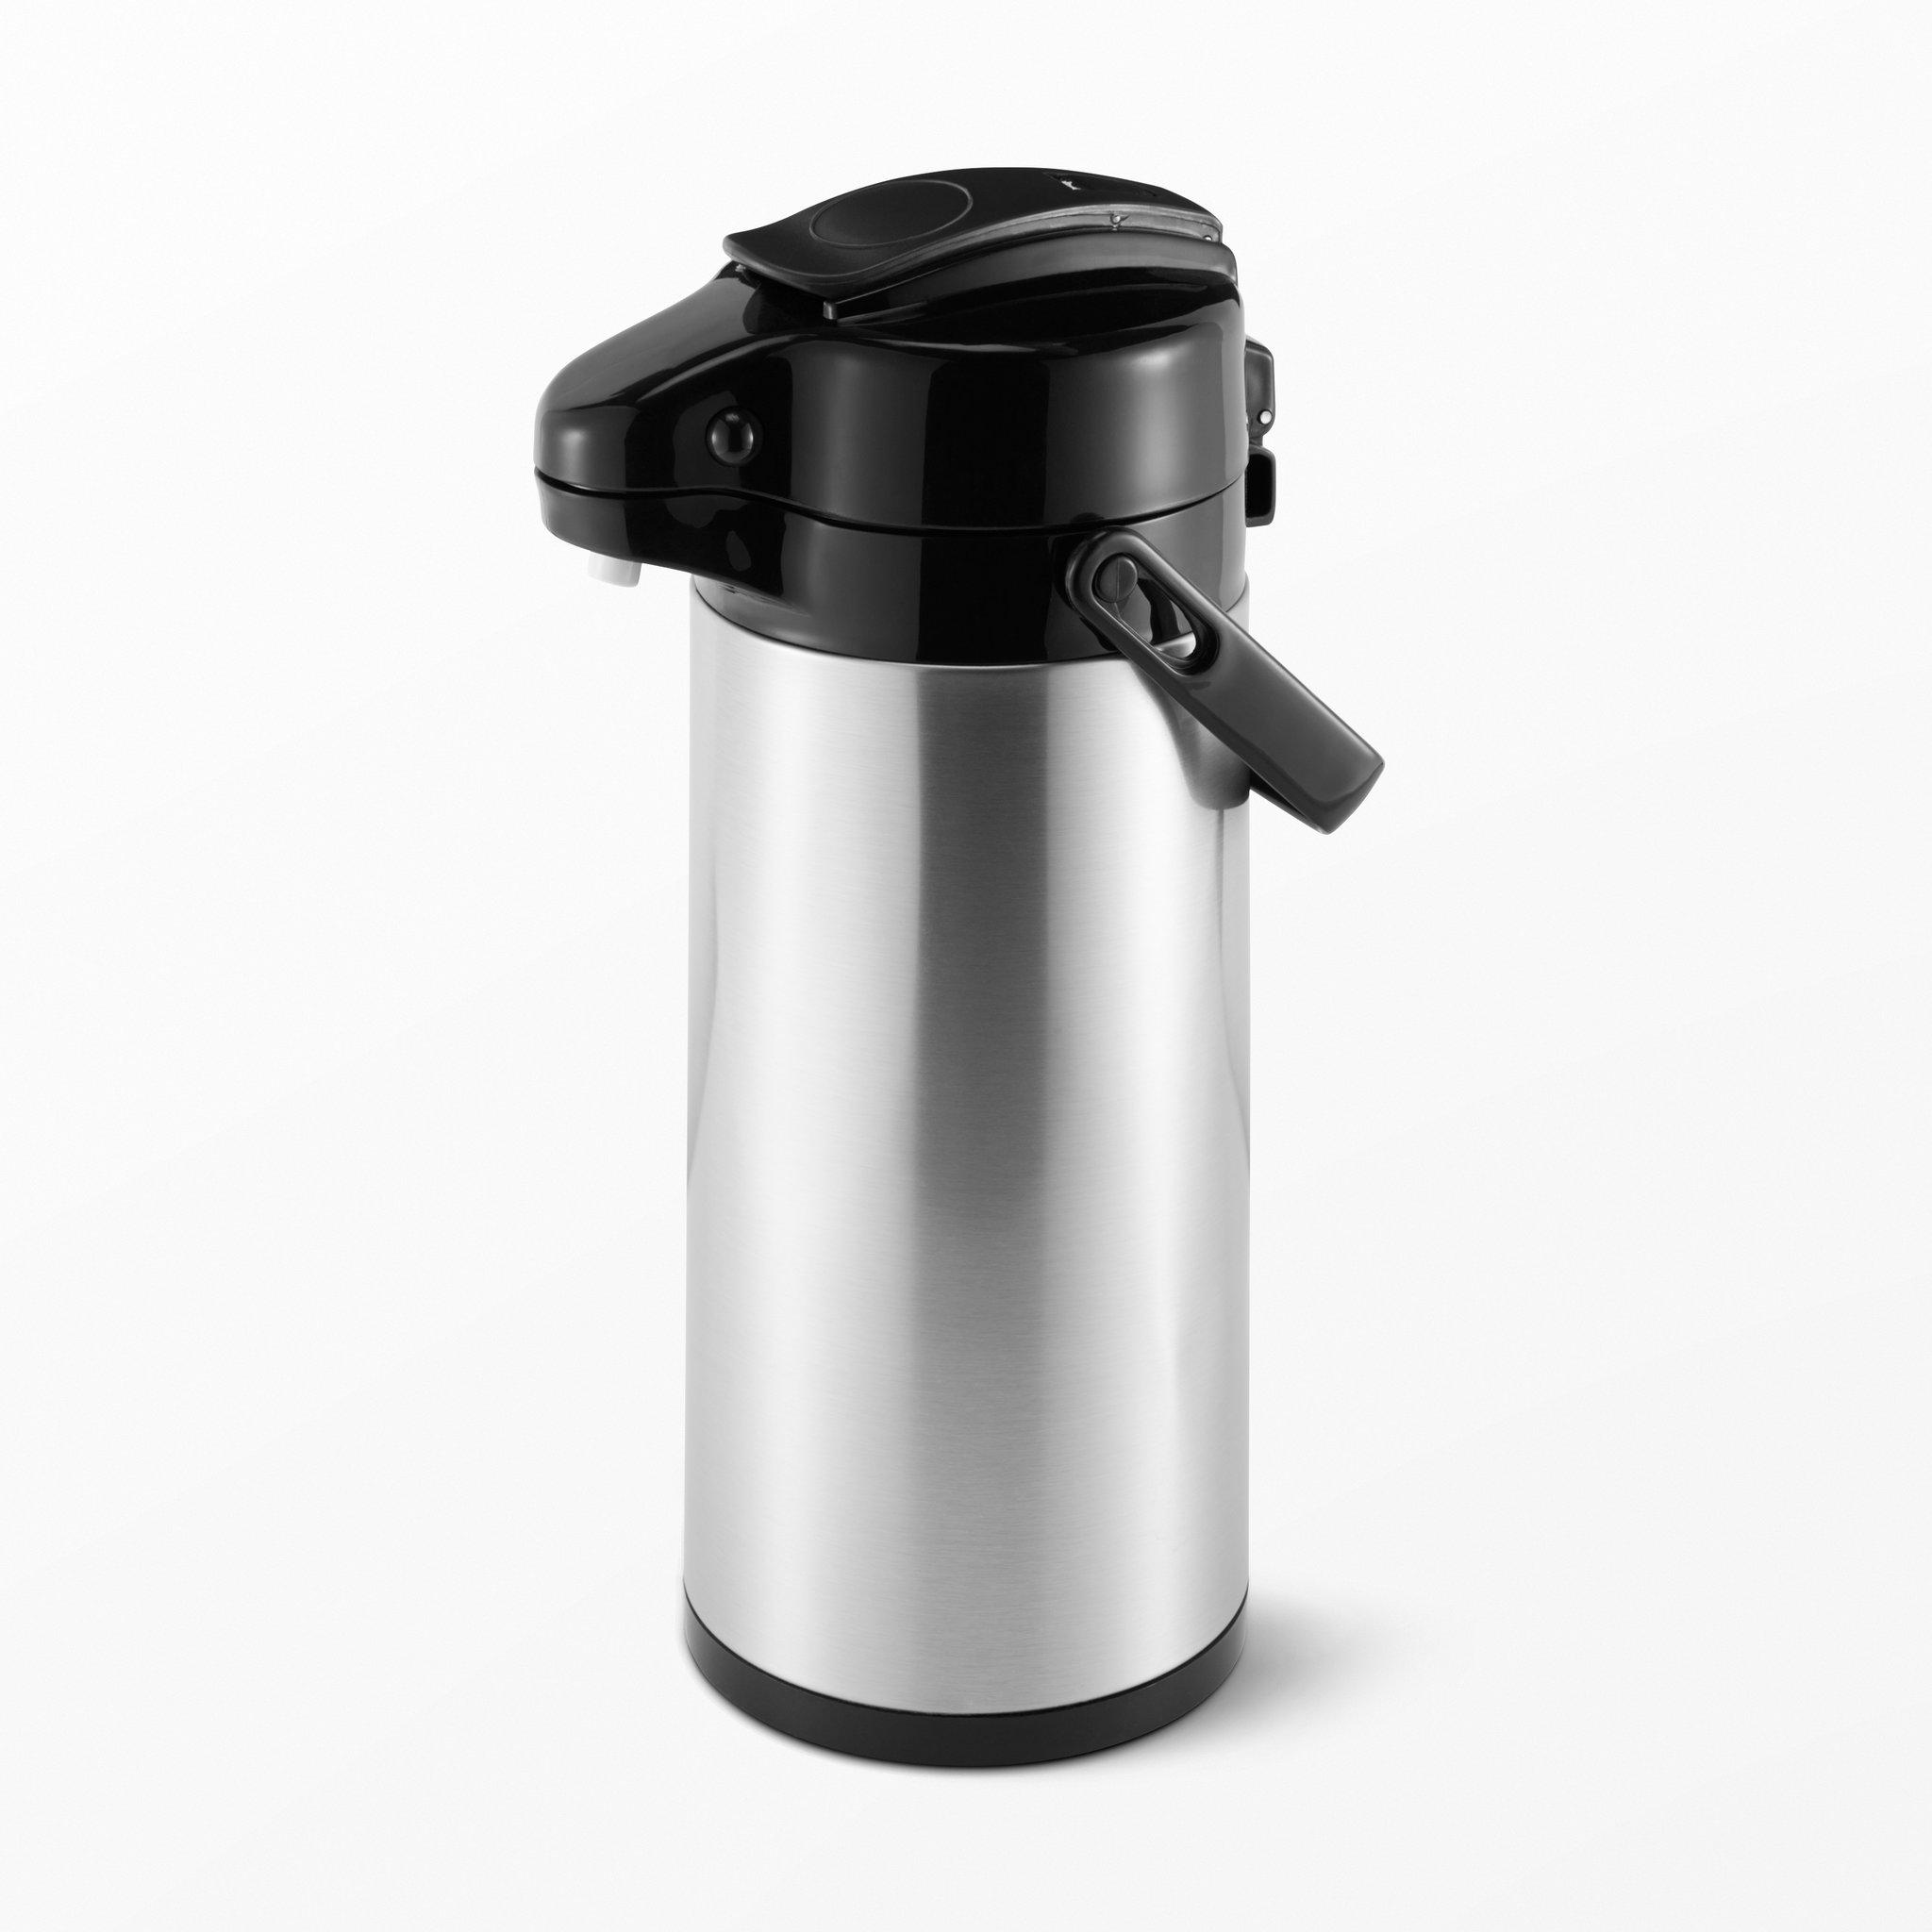 Omtyckta Pumptermos, 1,9 liter - Termosar - Köp online på åhlens.se! RO-84